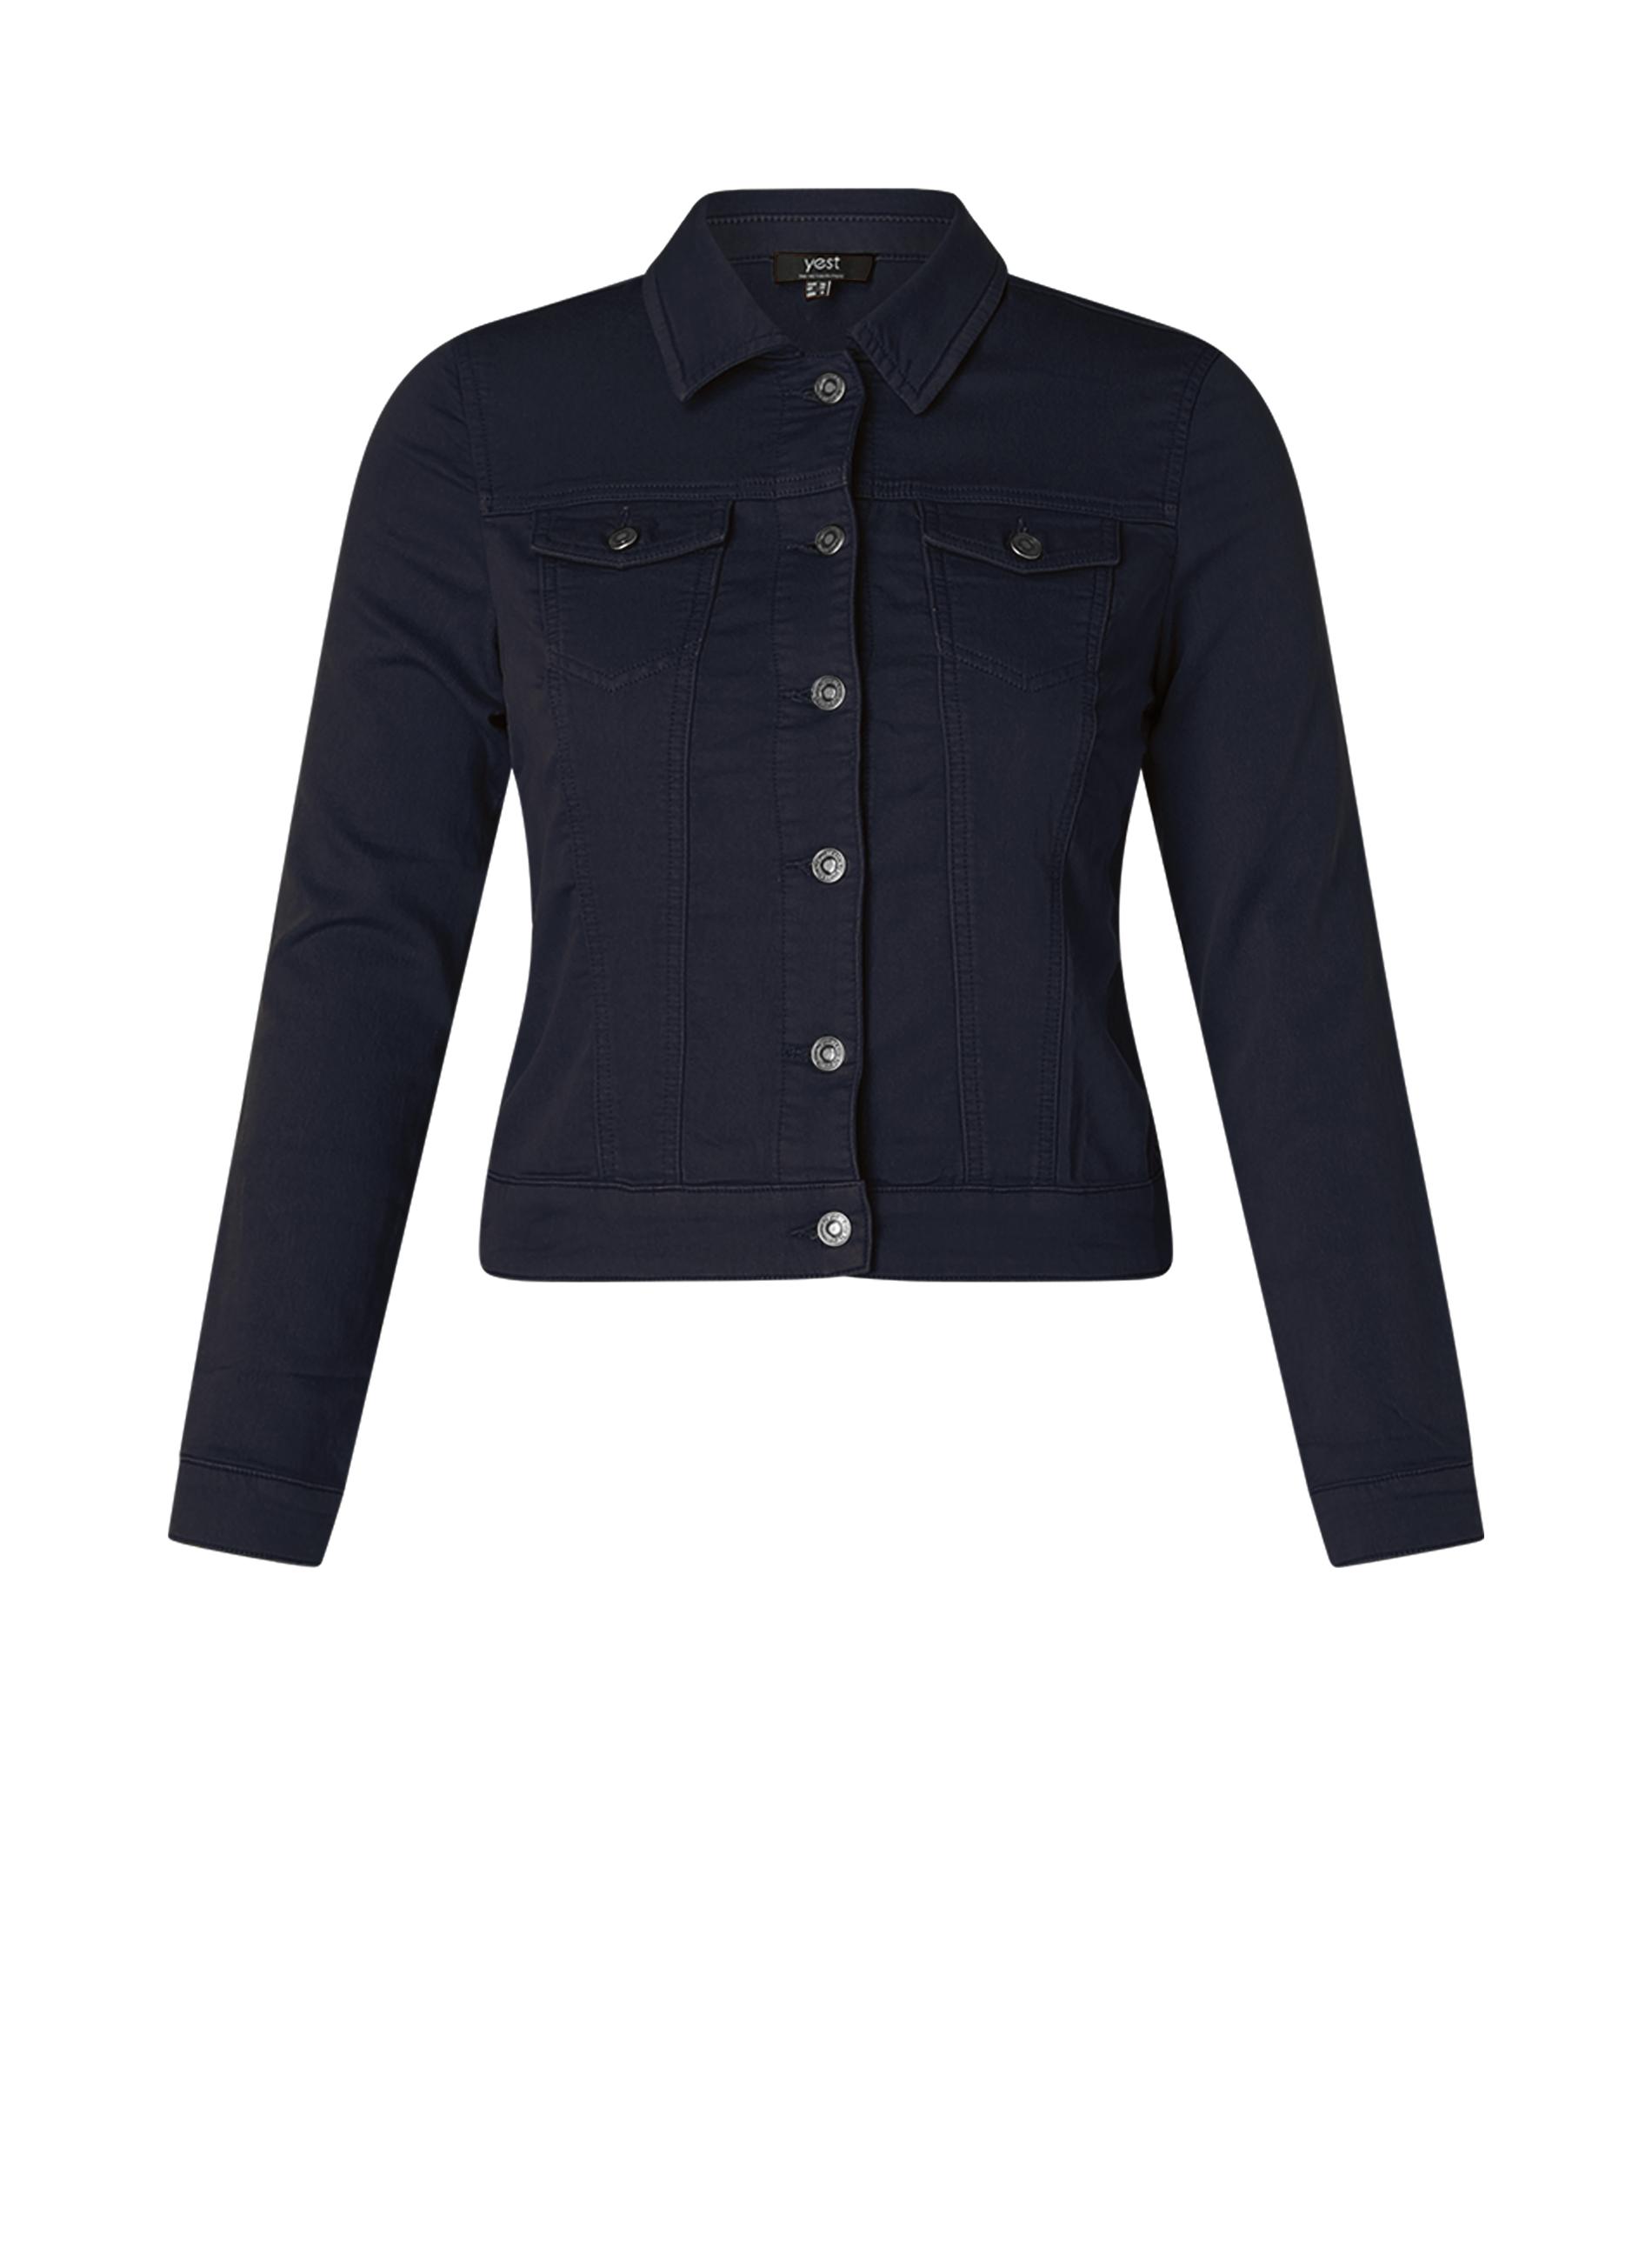 Jacket Hanny Yesta 65 cm